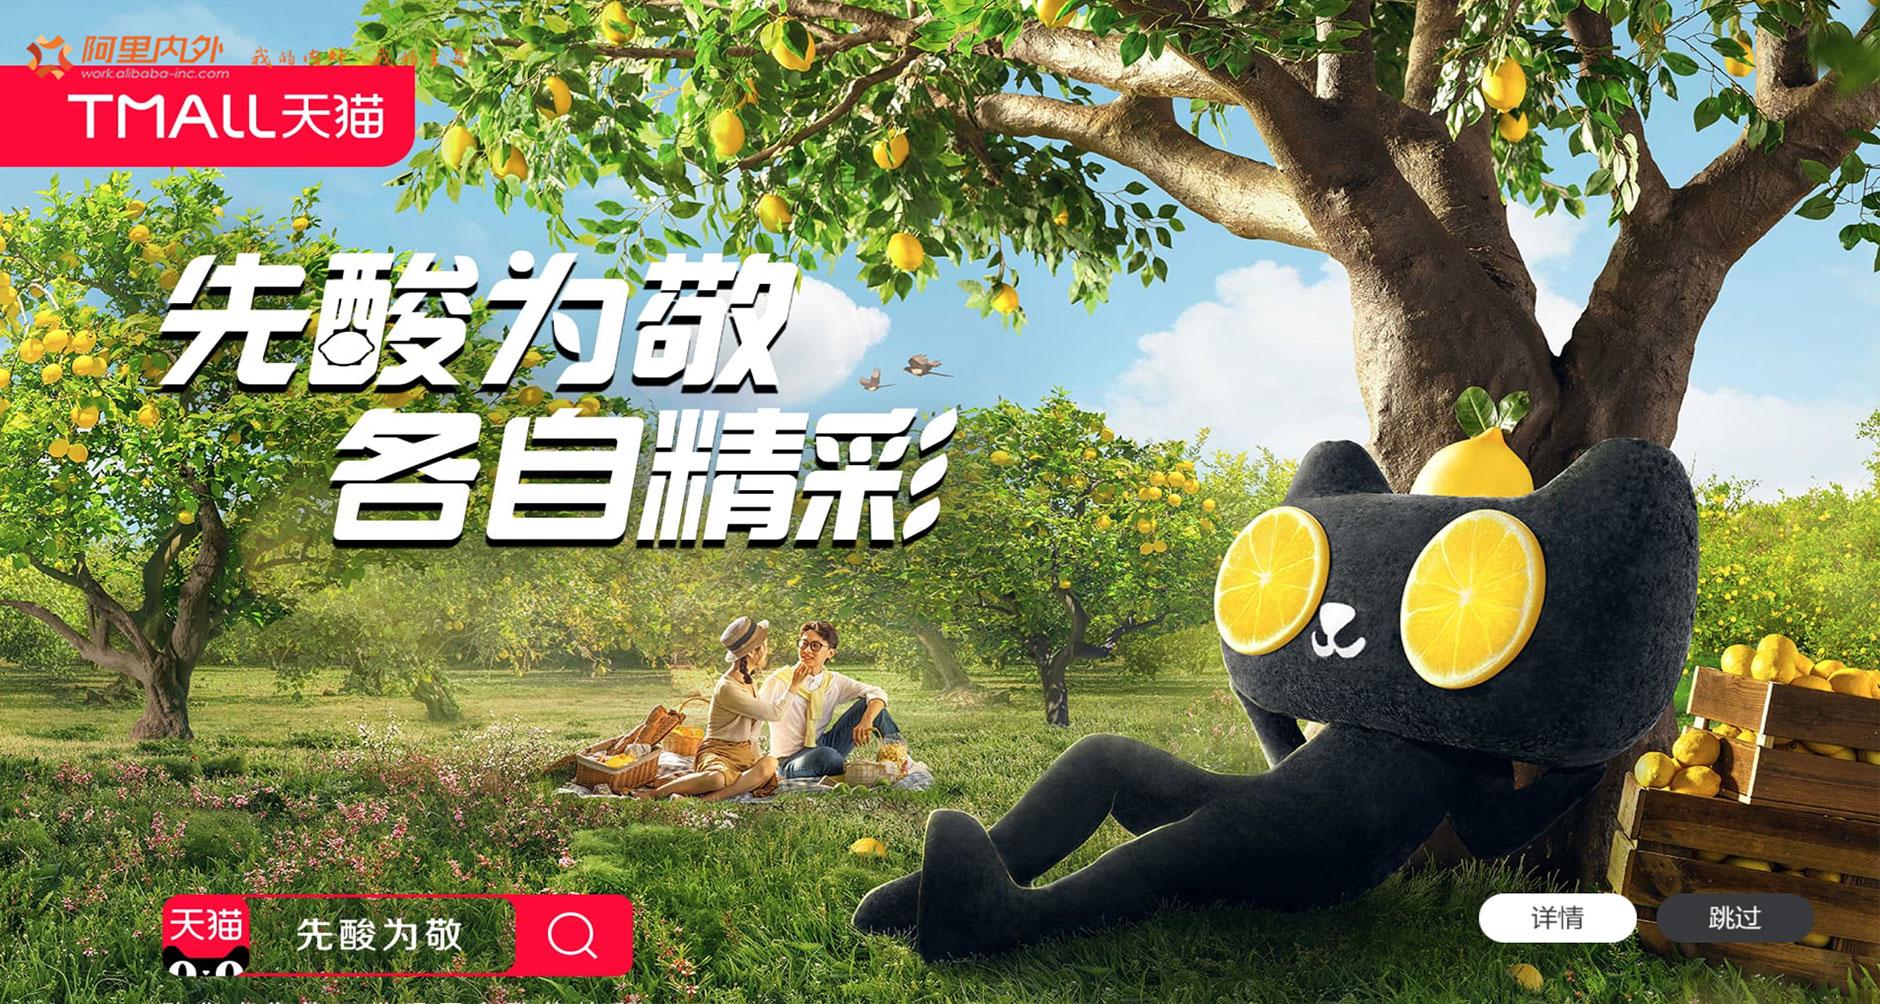 天猫七夕酸酸节|打造全民狂欢营销事件传播